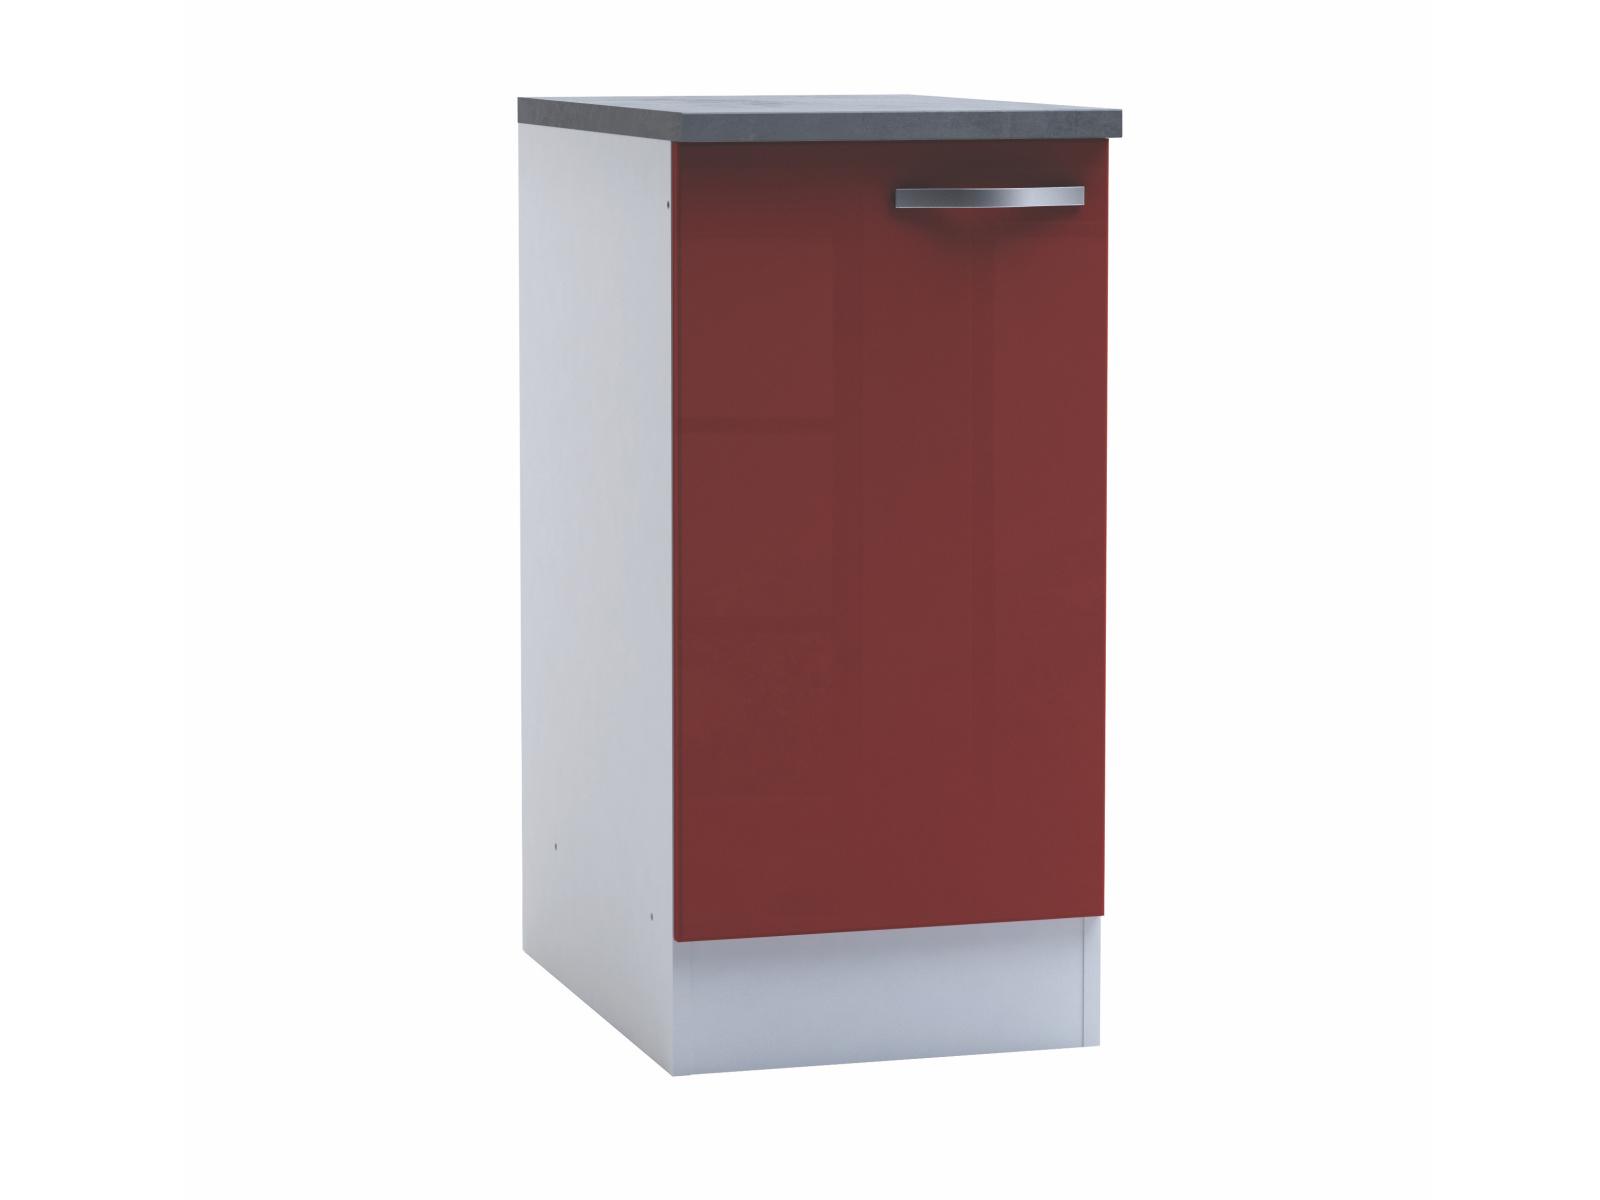 DEMEYERE CHERY, skříňka dolní 40 cm, bílá/červený lesk